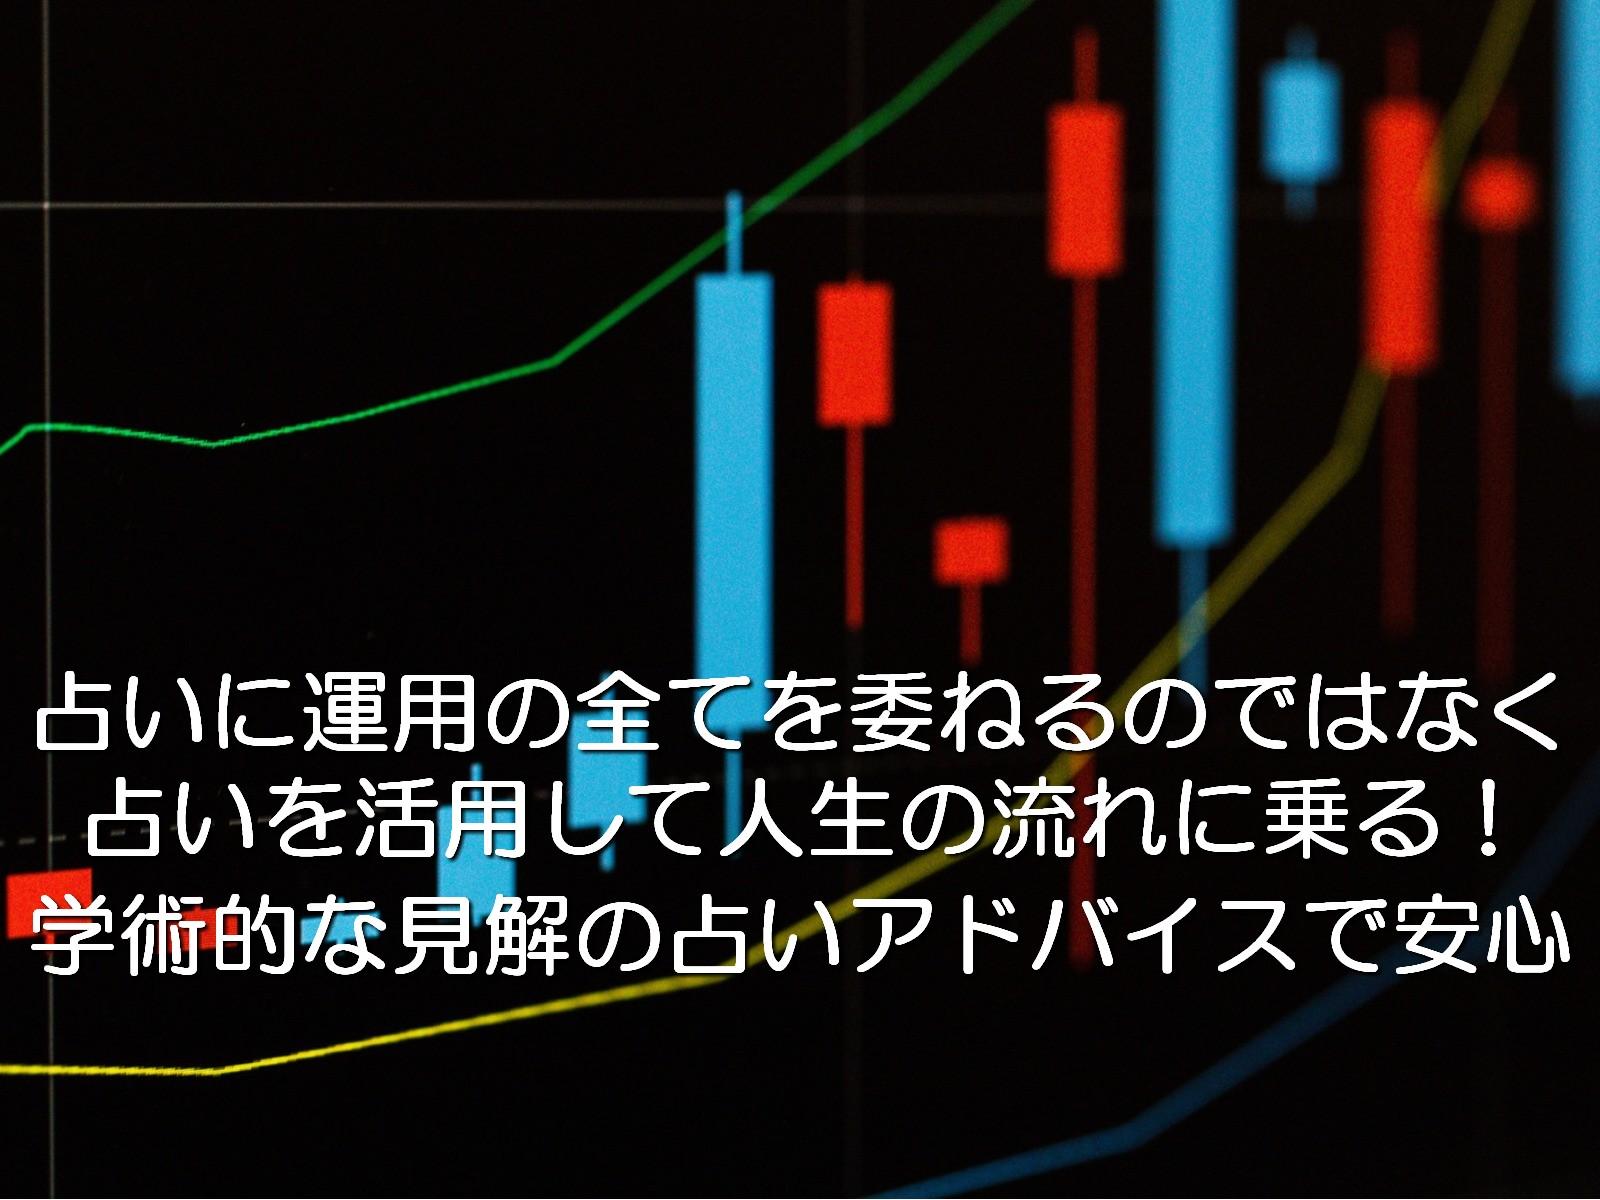 東京渋谷で資産運用占いなら『占いの観点でアドバイス』ができる占い館BCAFE(ビーカフェ)の占い師にお任せ!学術的(統計学)な占いという観点から、アナタの性格や運勢を分析し、丁寧にアドバイスをしていき